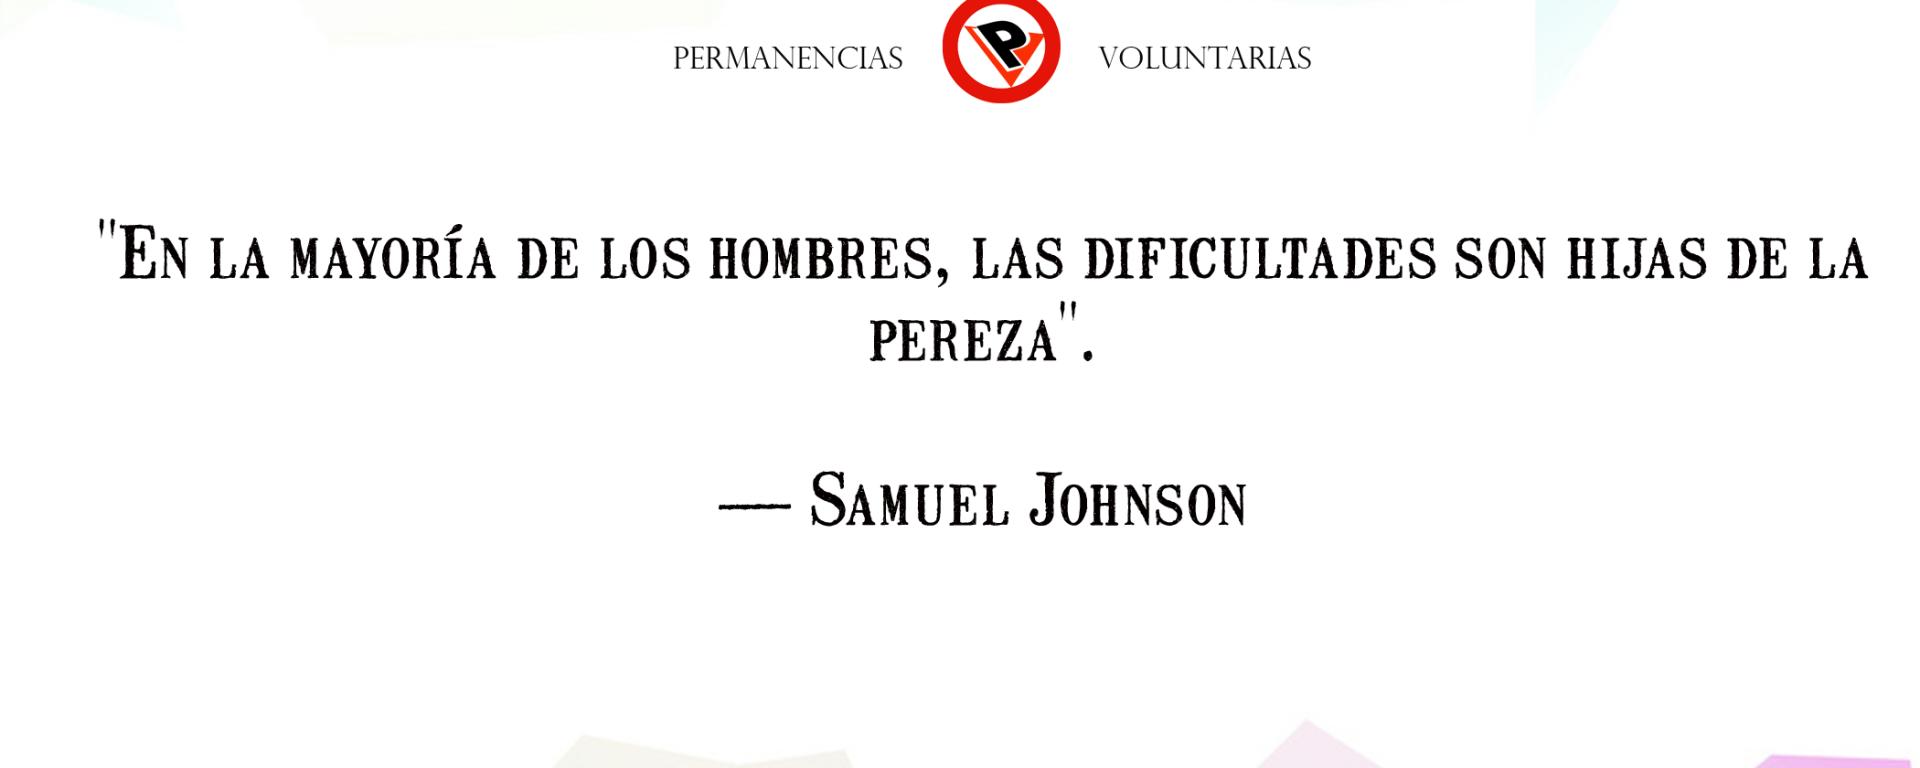 Frases-Permanencias-Voluntarias-113